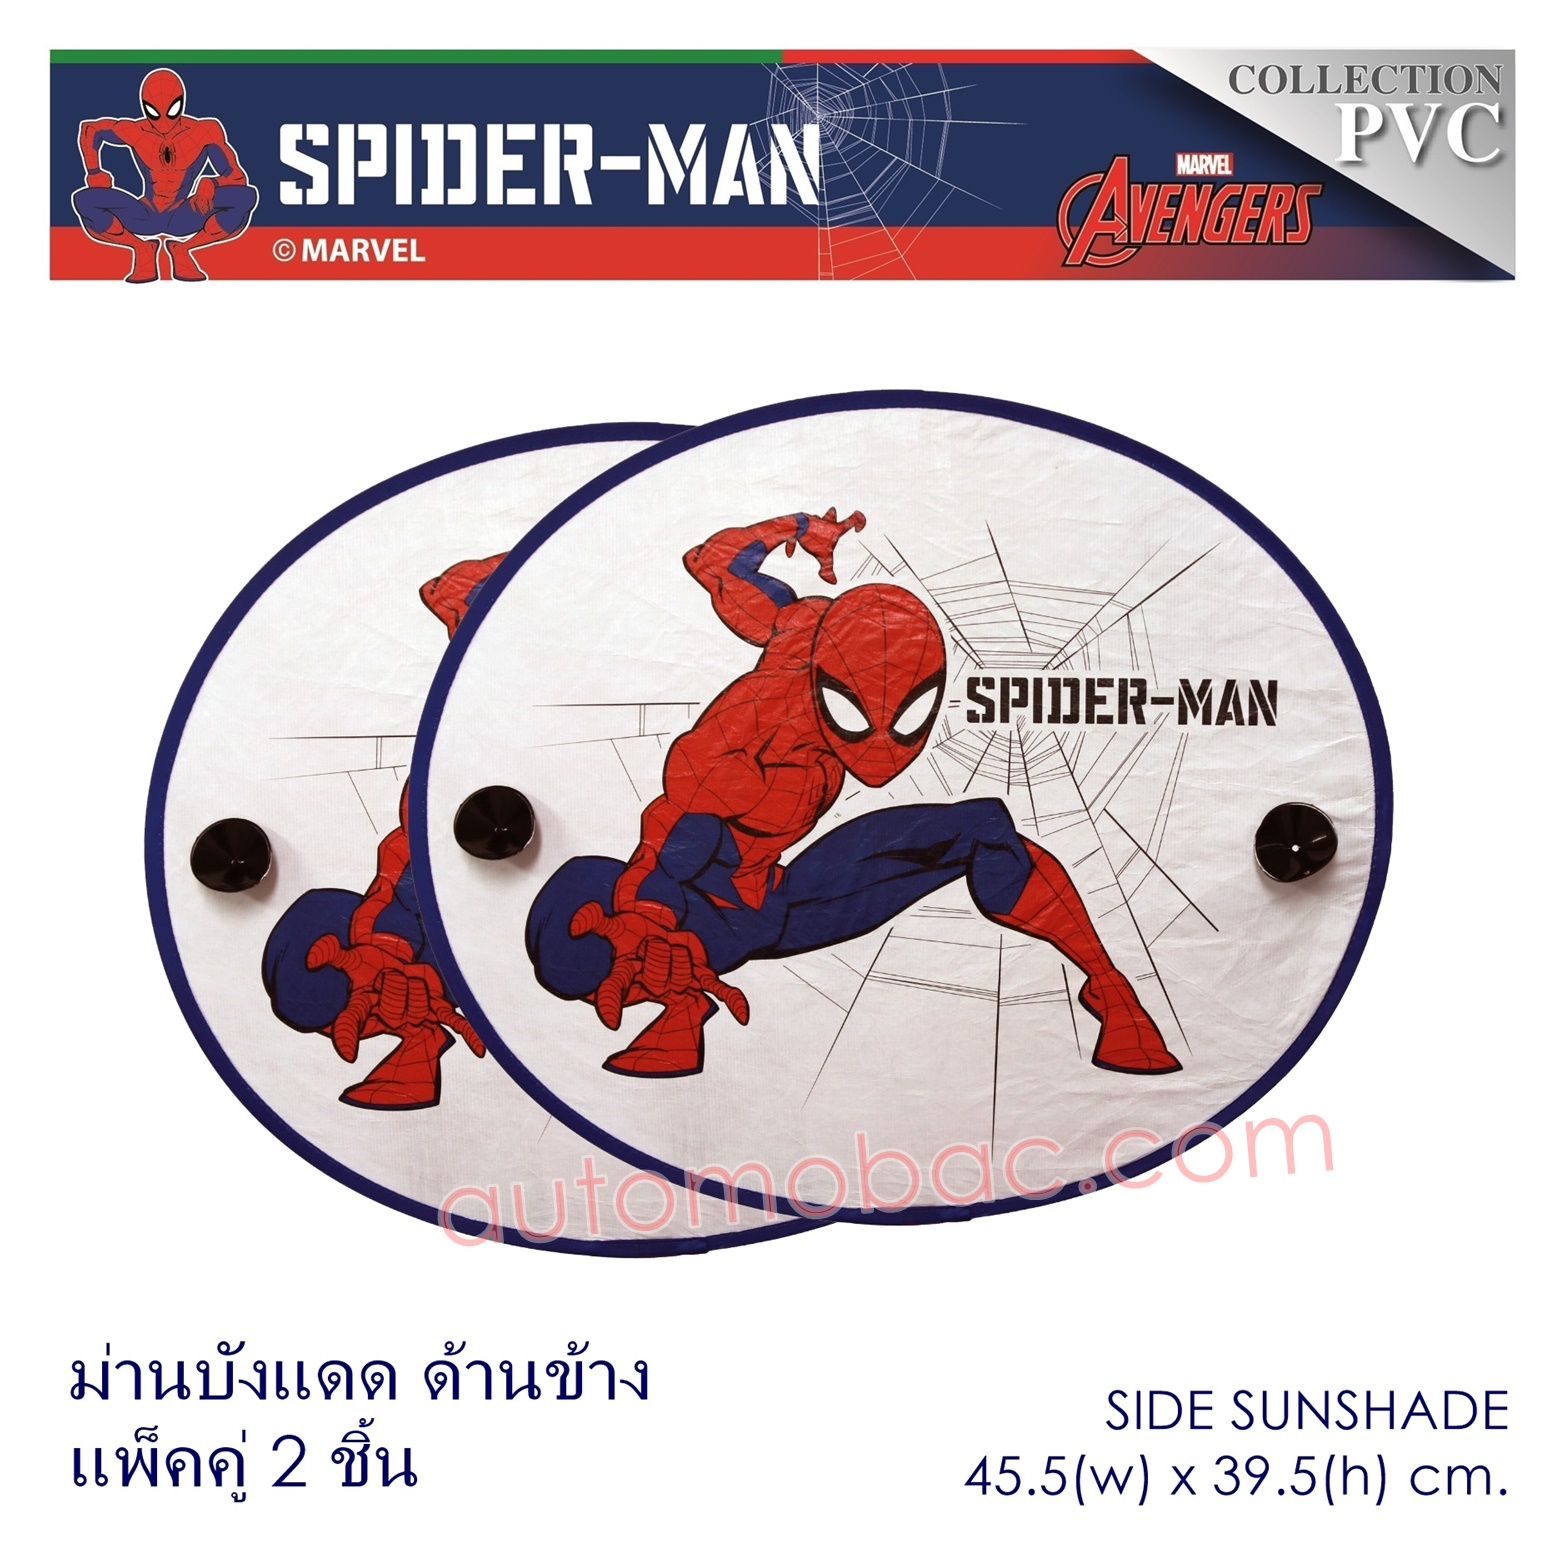 Spider-man ม่านบังแดด ด้านข้าง แพ็คคู่ มี 2 ชิ้น พับเก็บได้ไม่เปลือง 45.5x39.5 cm. ลิขสิทธิ์แท้